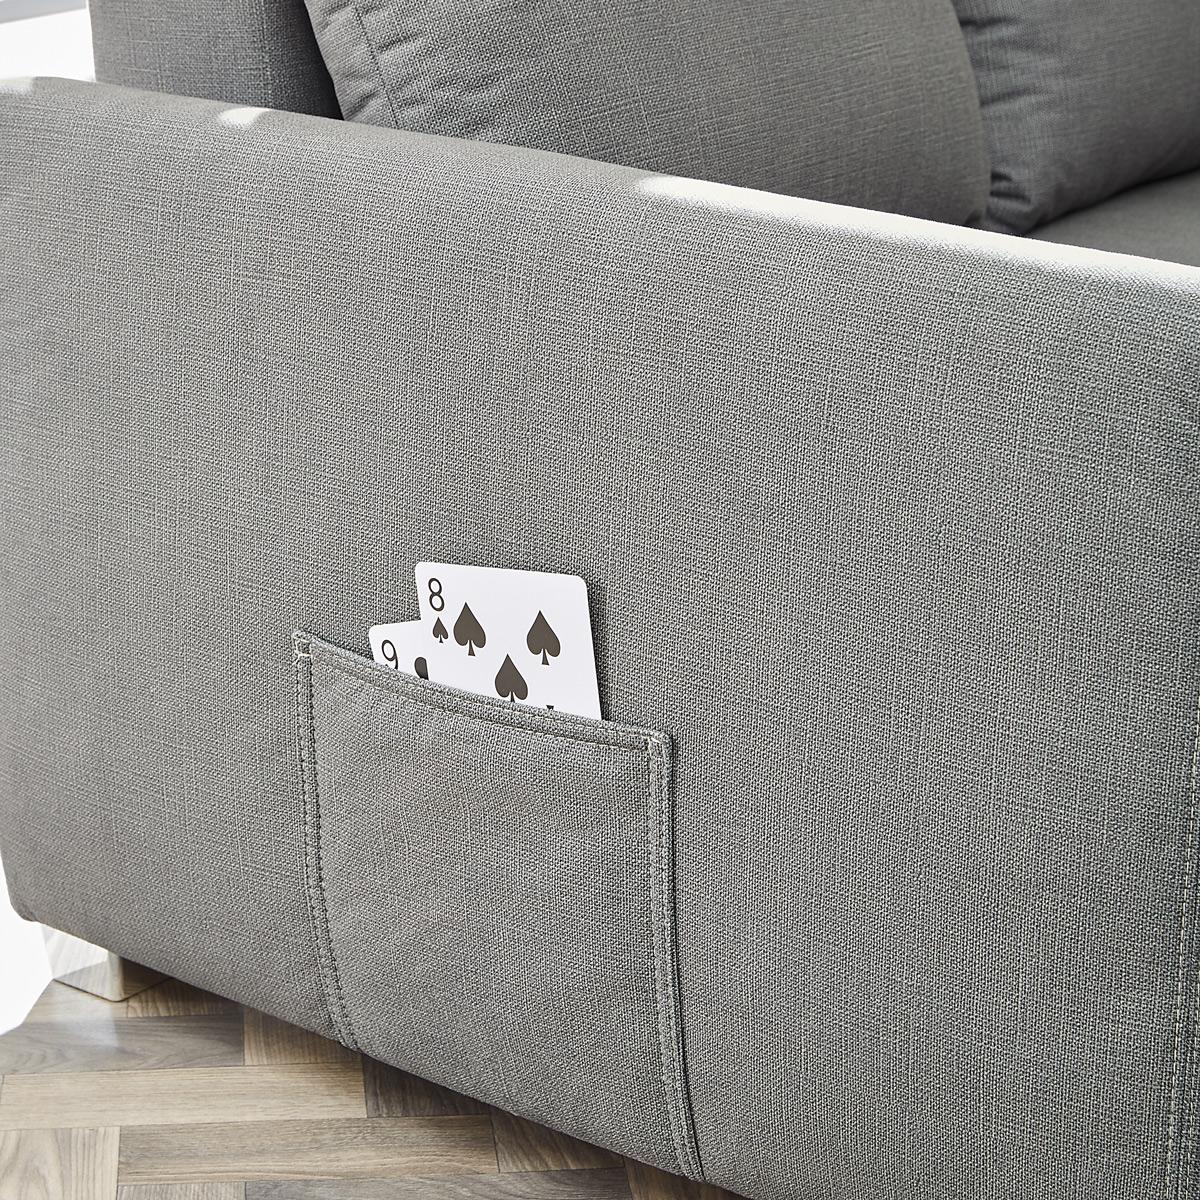 Ecksofa mit Doppel-Gästebettfunktion – große Tasche